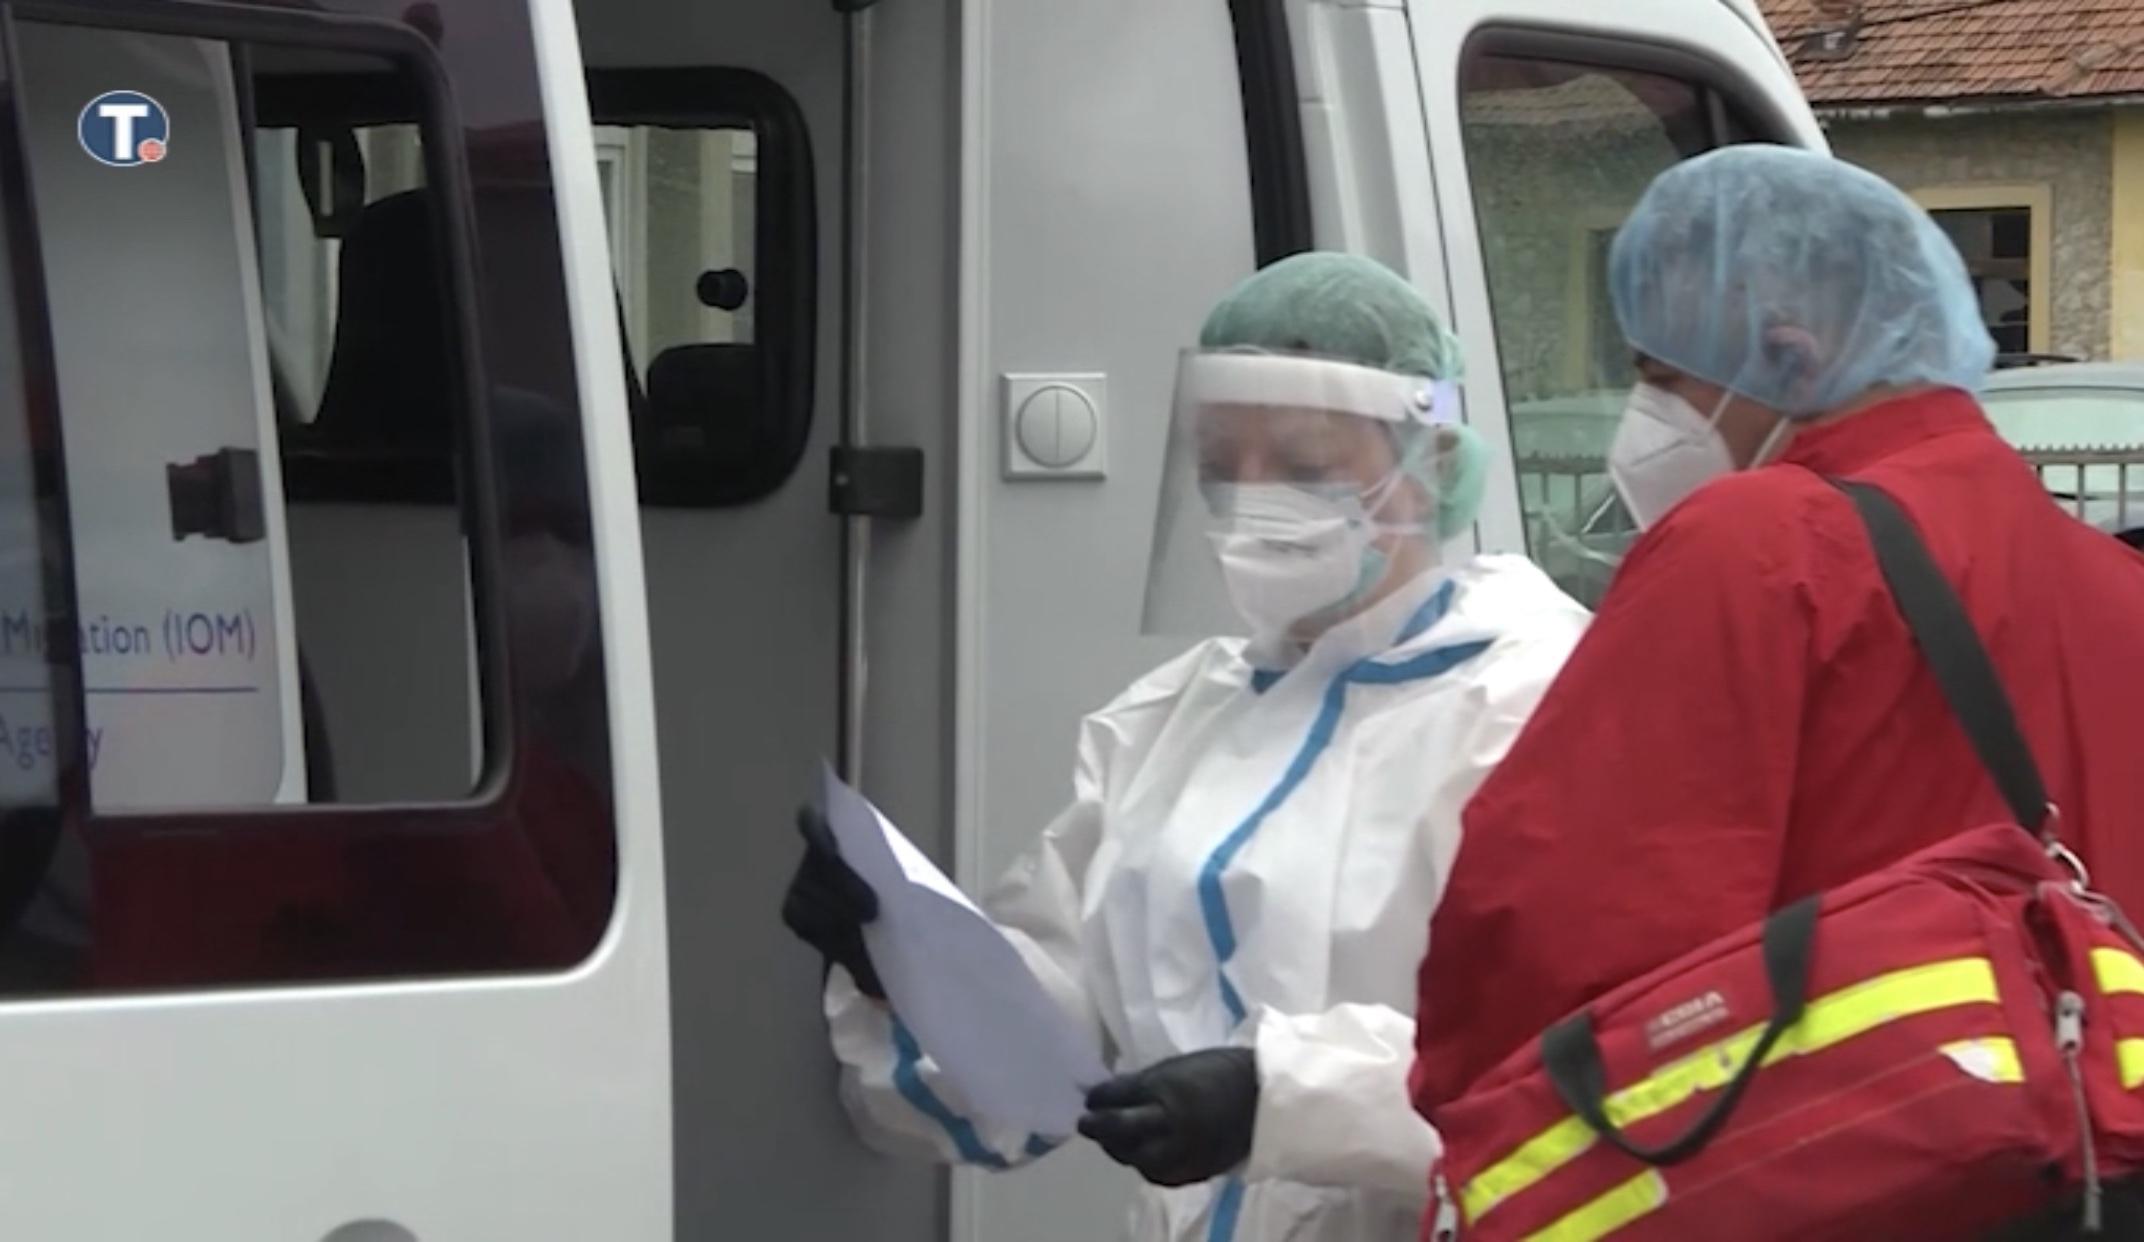 -u-srbiji-211-novih-slucajeva-korona-virusa,-umrle-jos-4-osobe